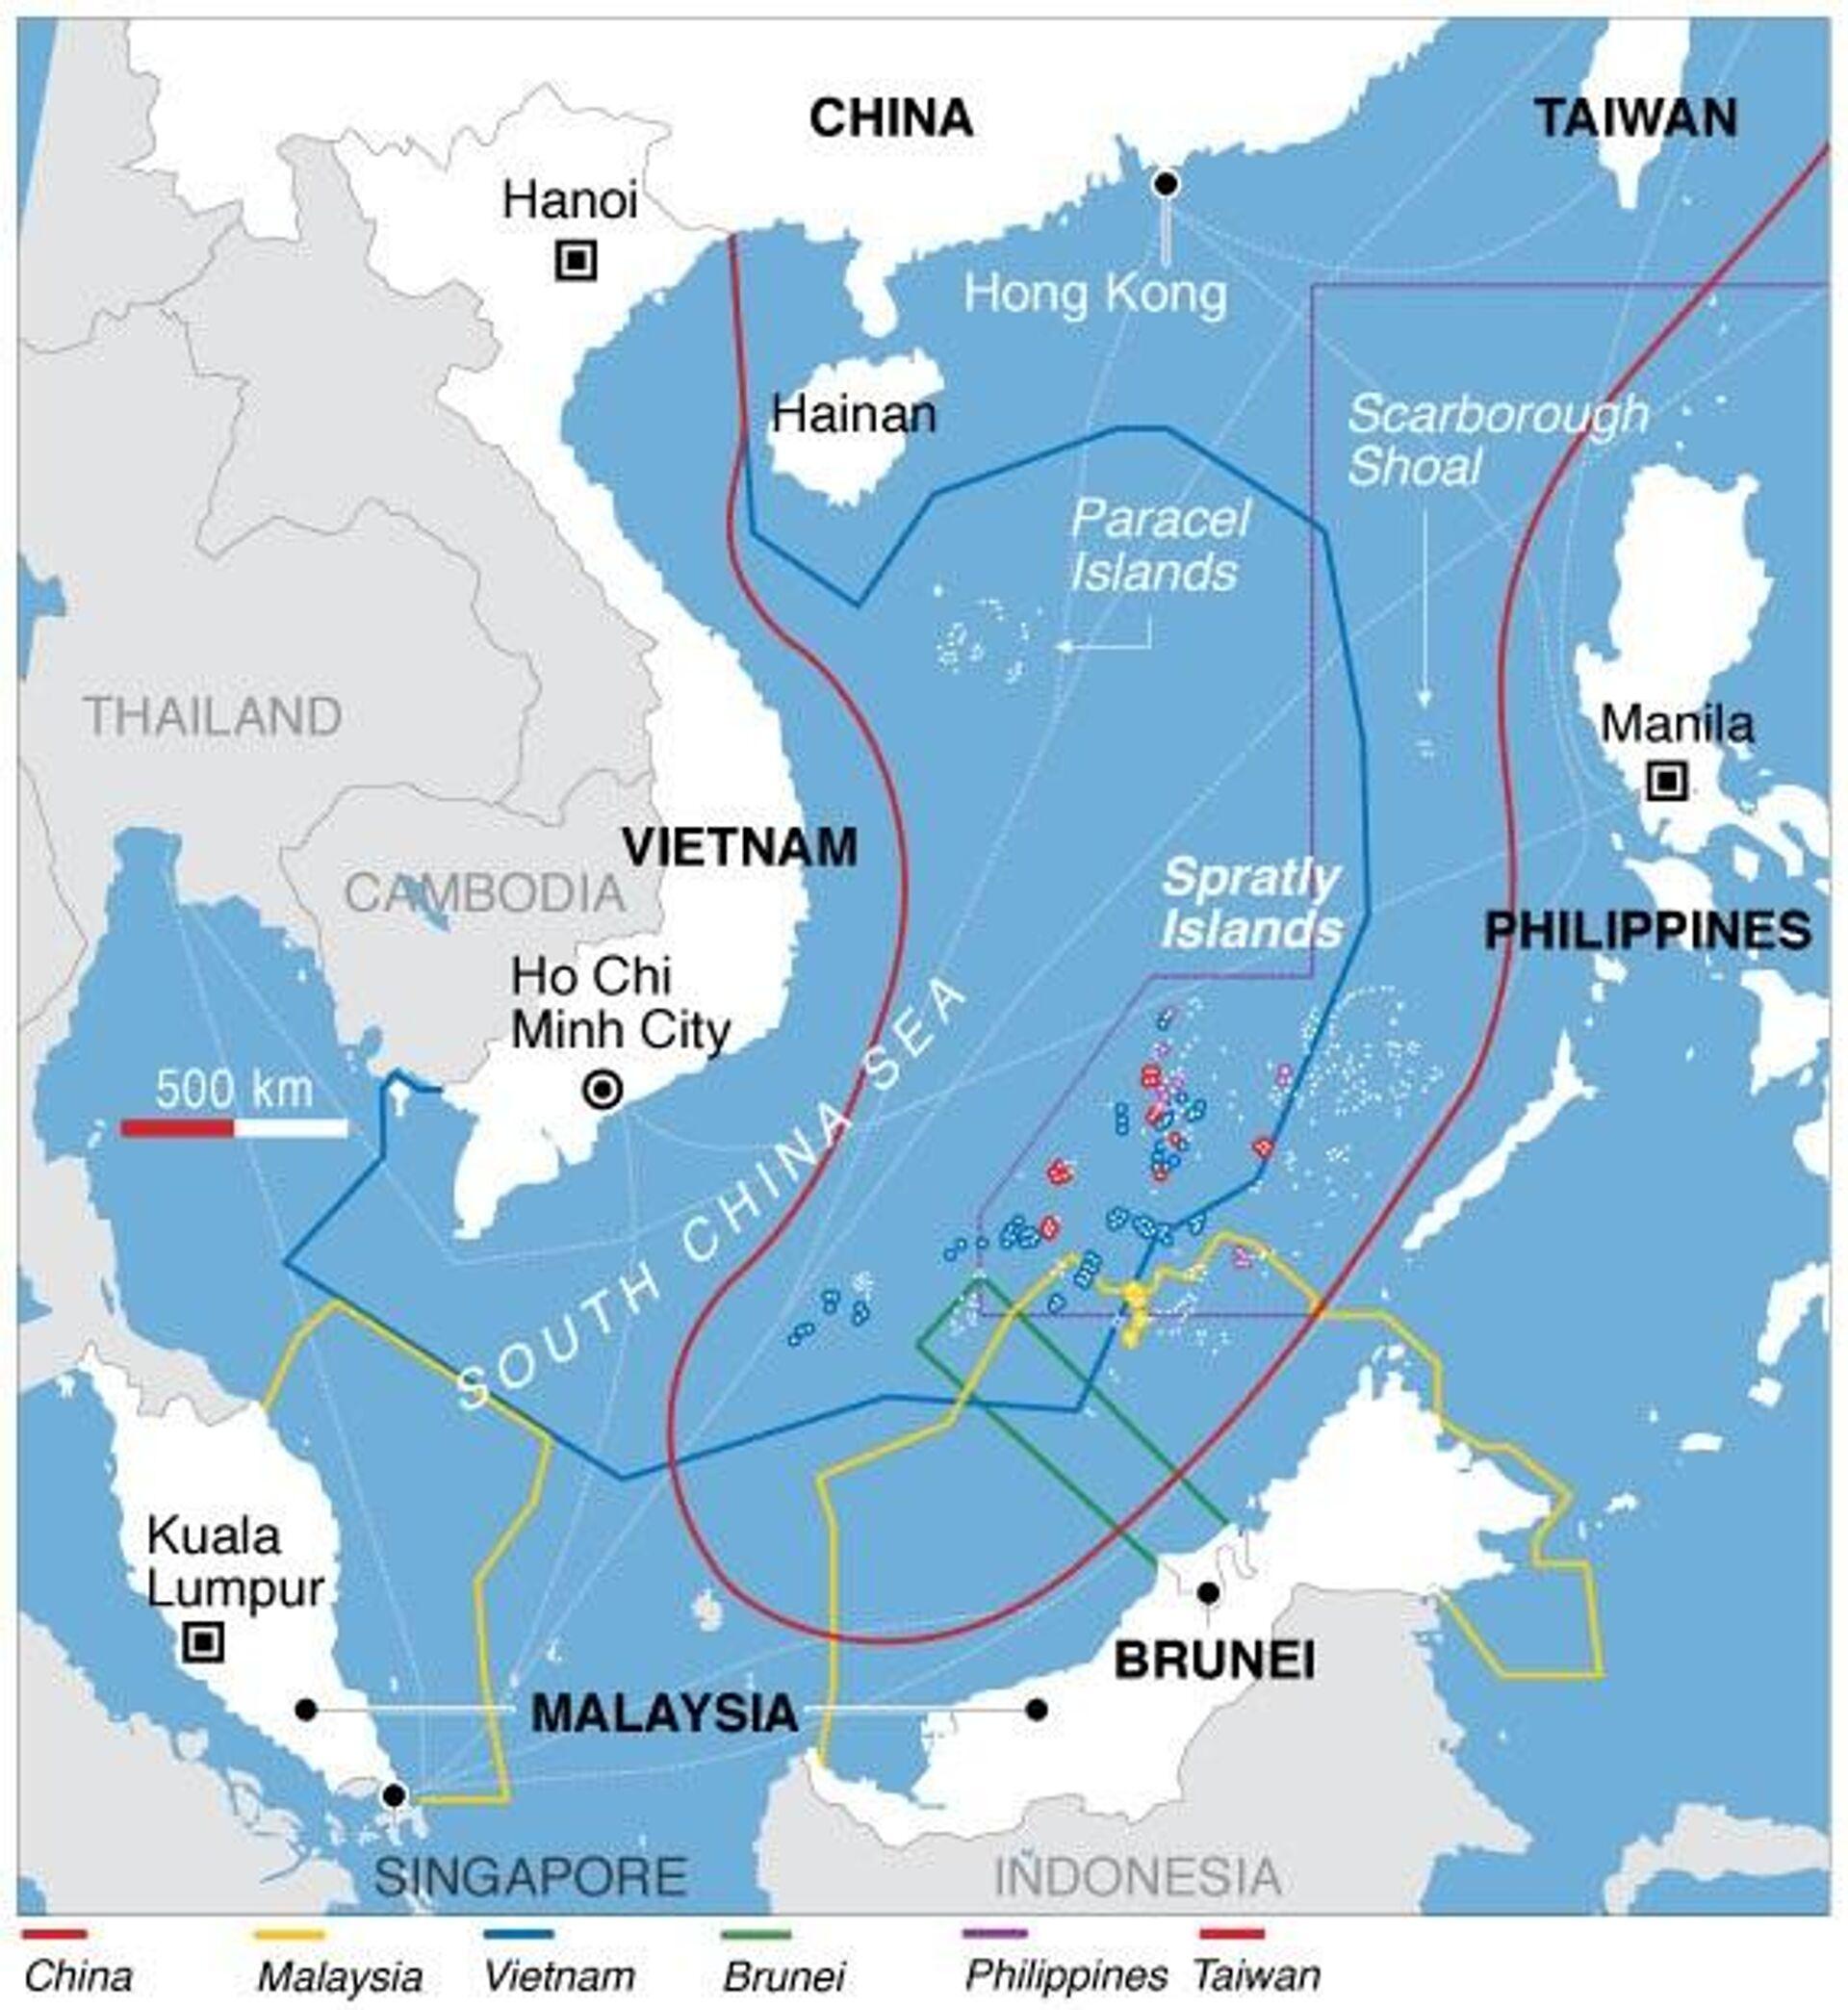 Reclamaciones territoriales en el mar de la China Meridional - Sputnik Mundo, 1920, 03.06.2021